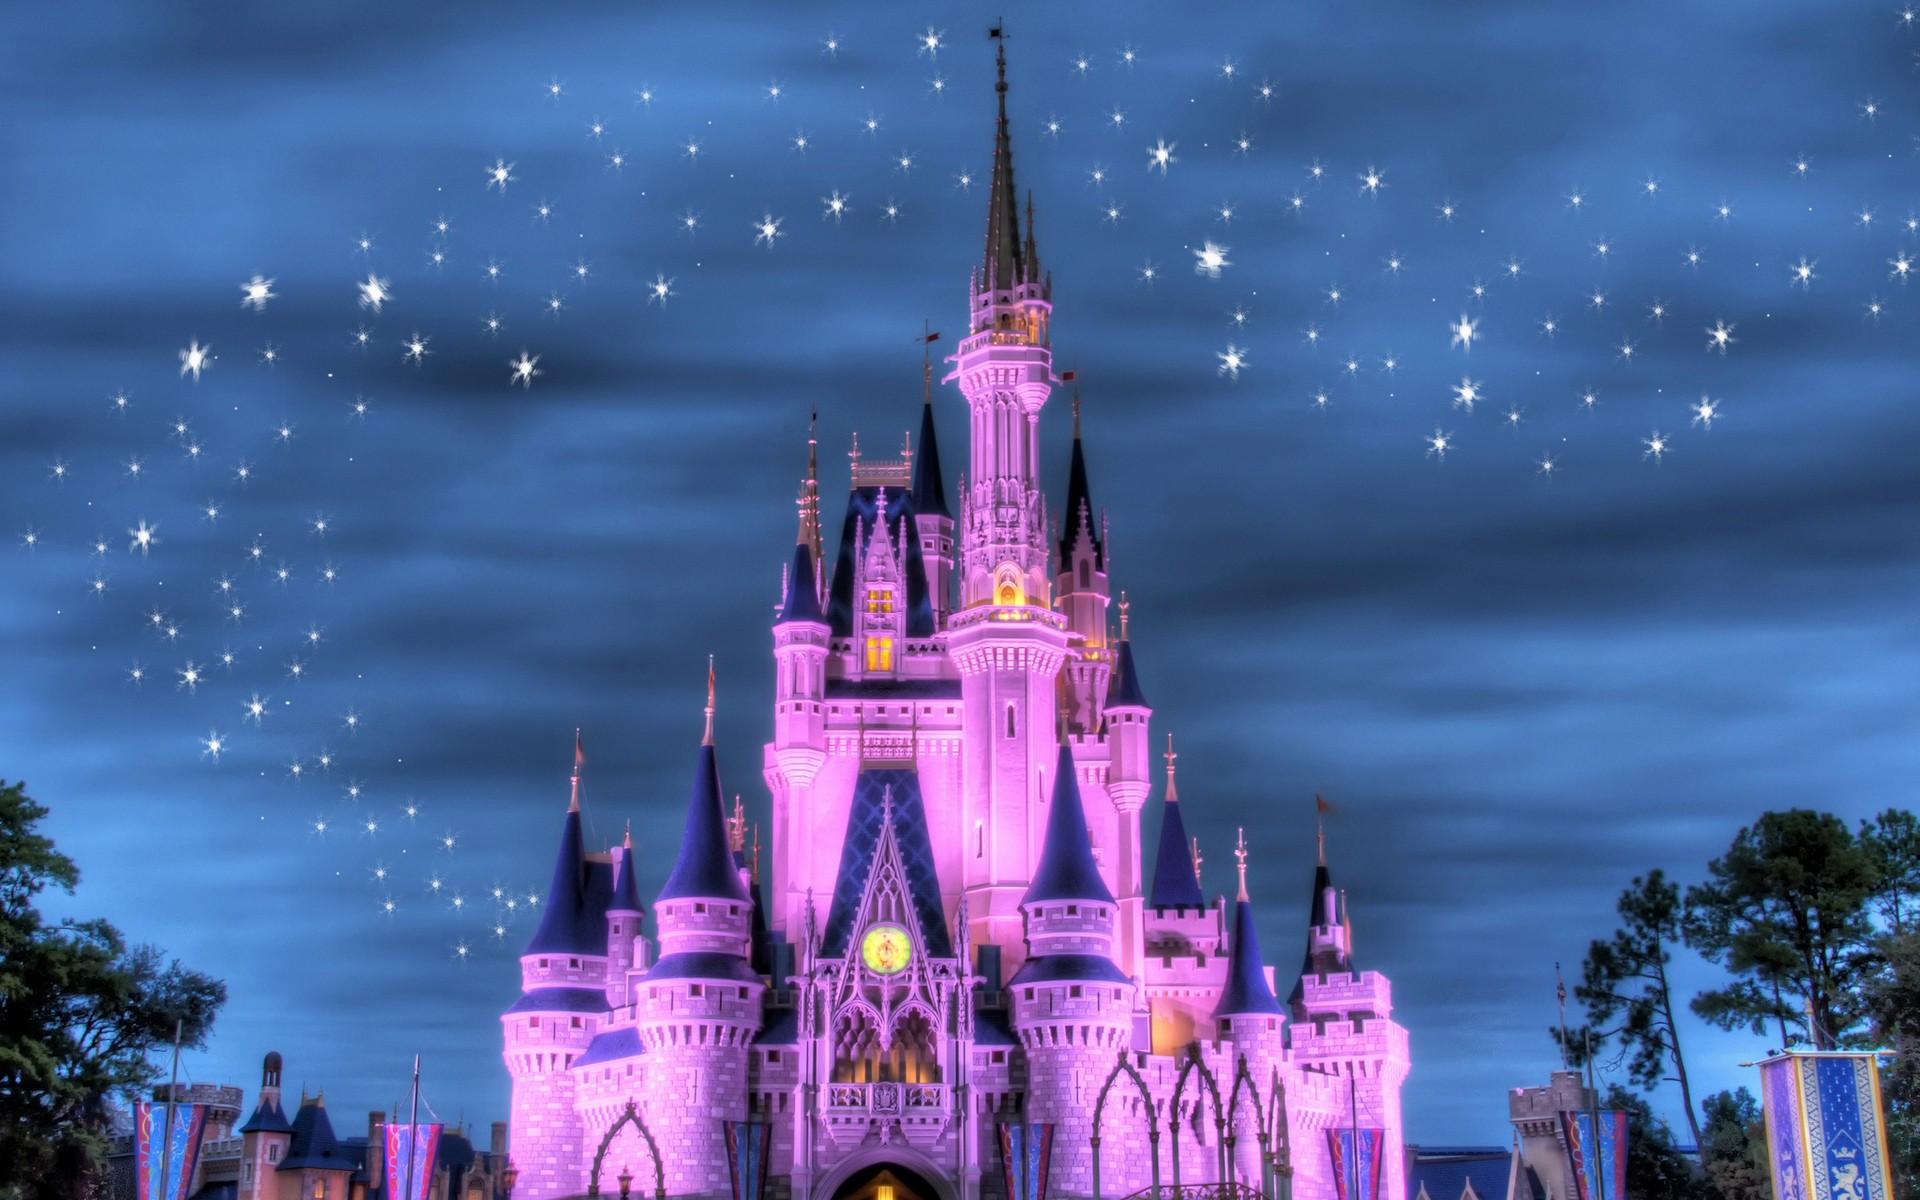 El castillo de Disney - 1920x1200